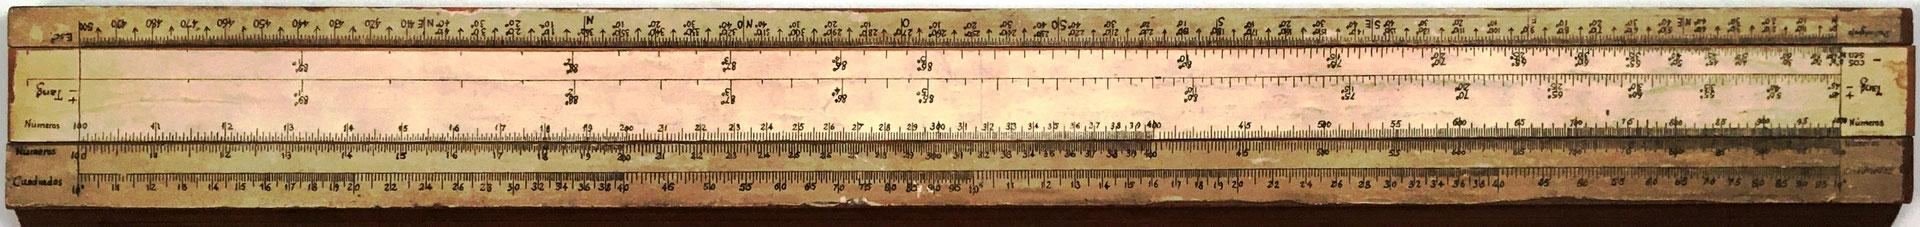 Primitiva Regla Topográfica española marca CONDE (modelo 1), reverso reglilla